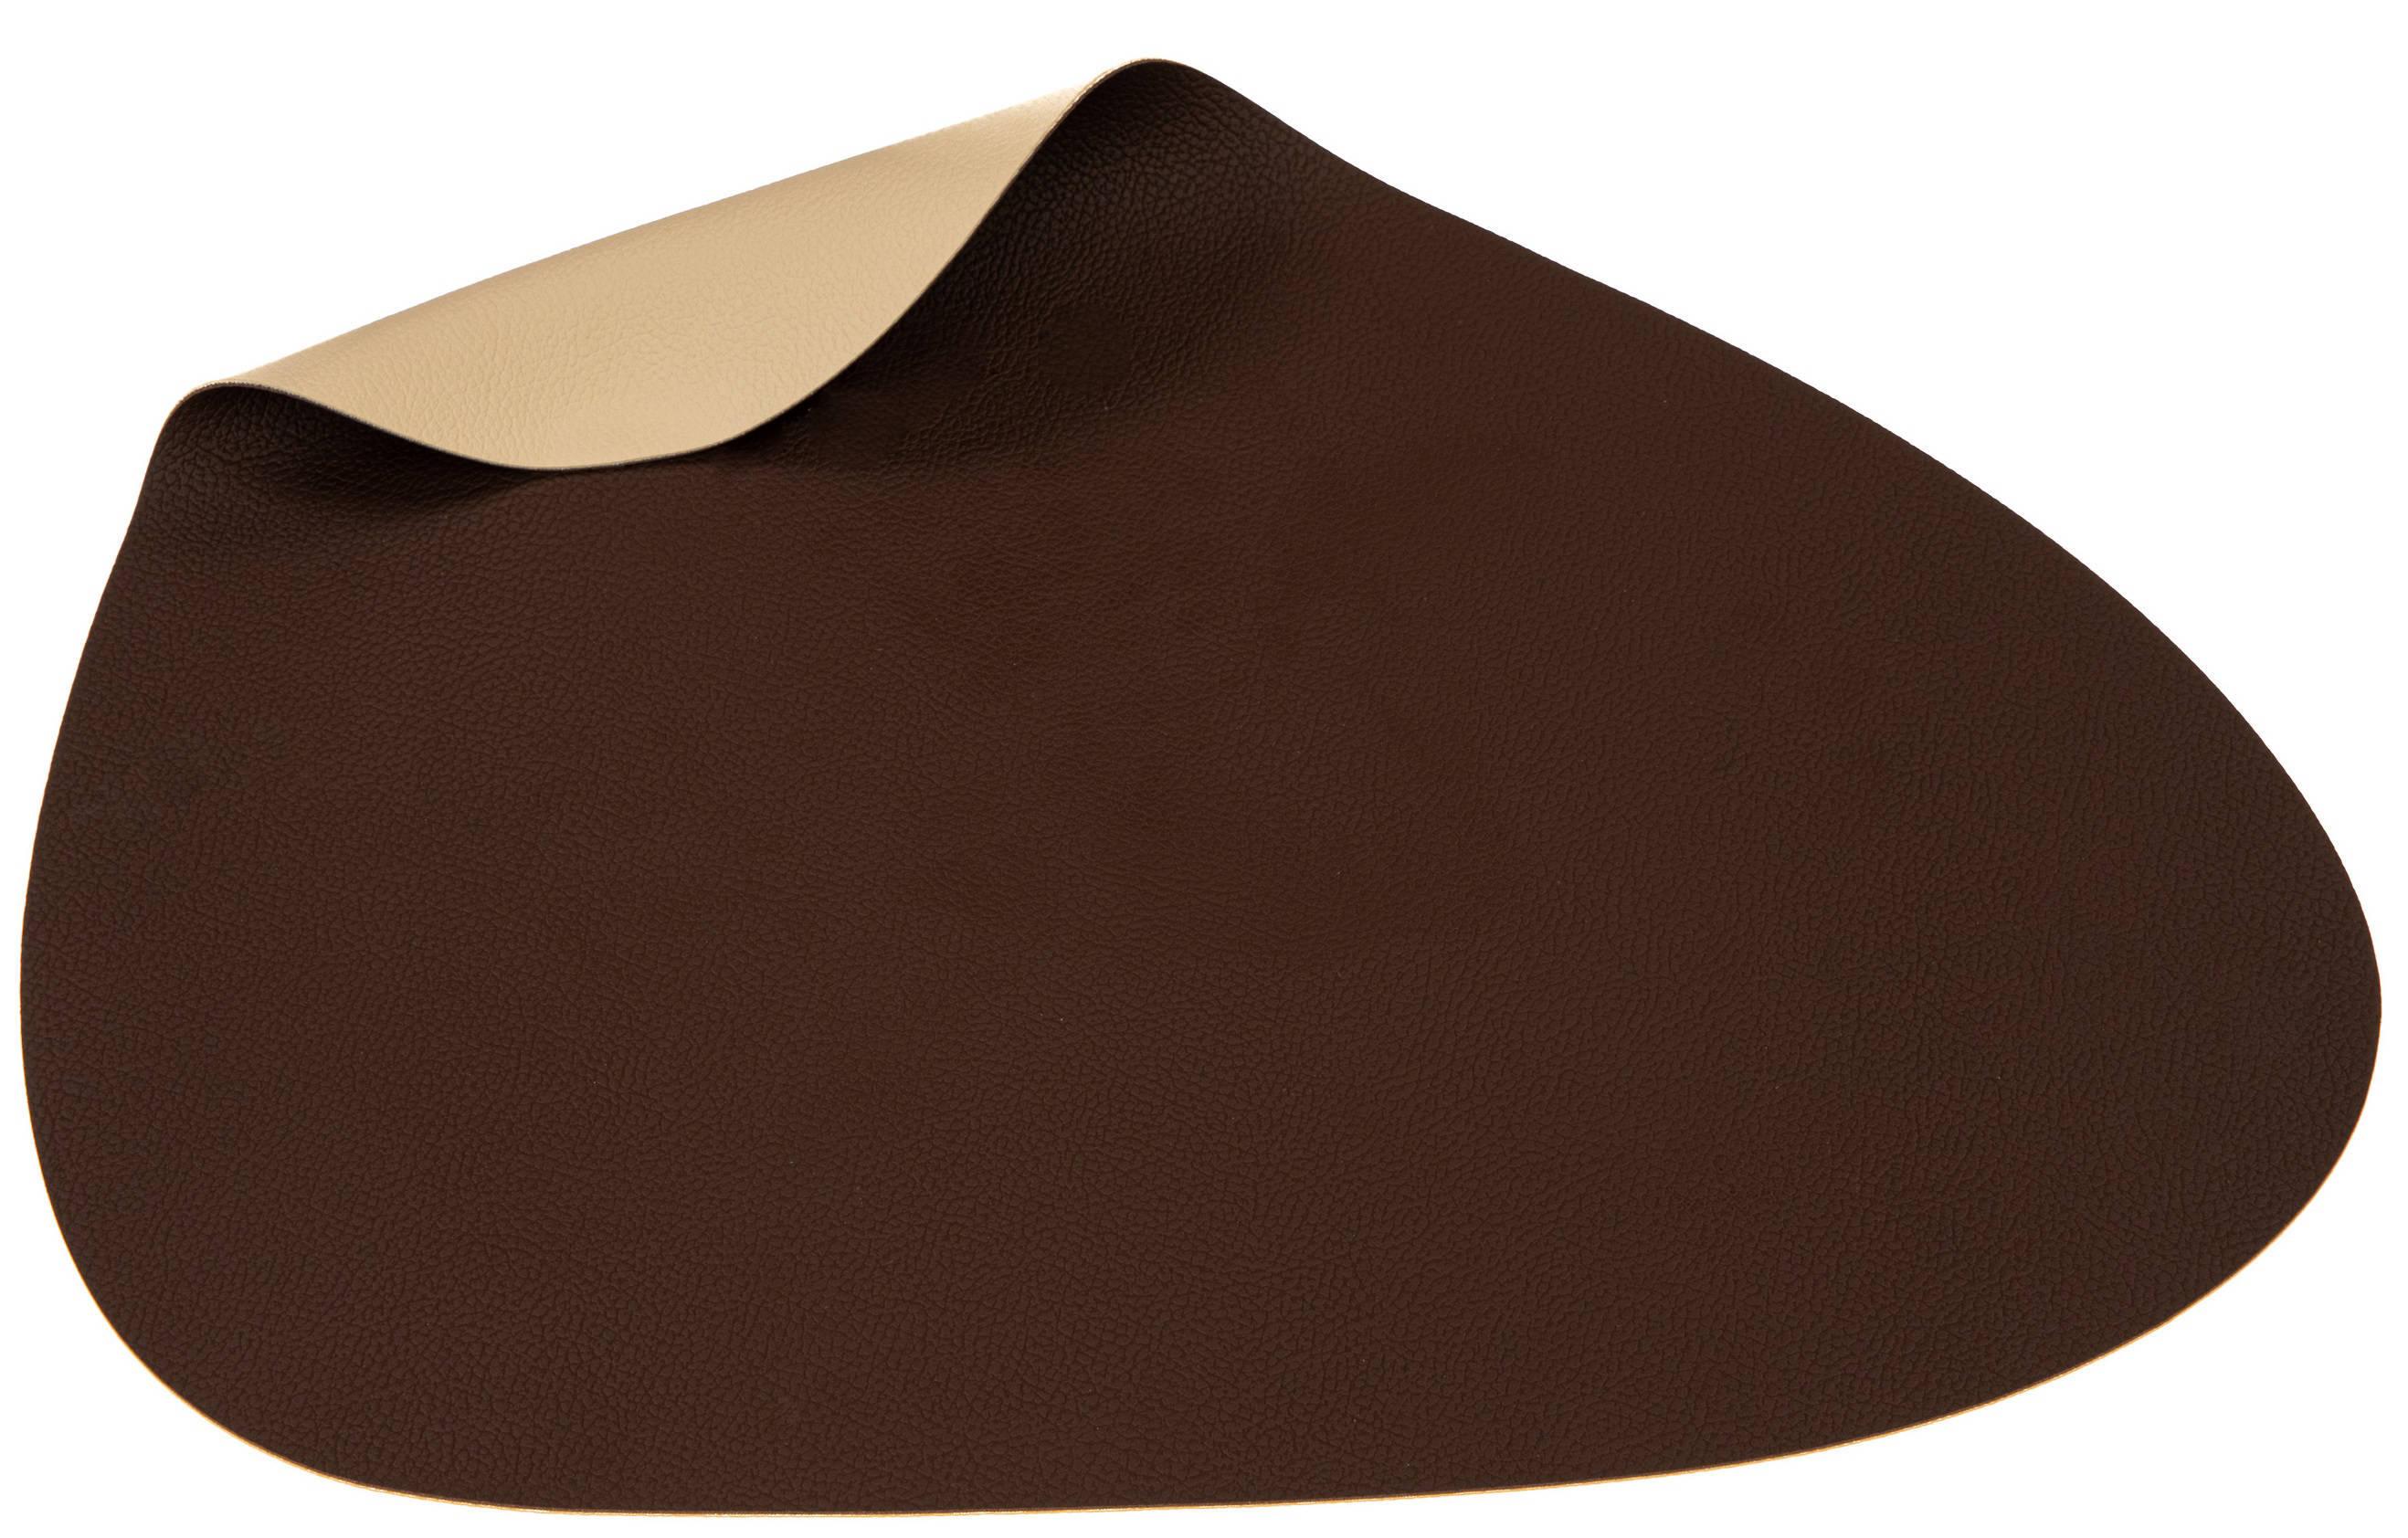 Jay Hill Placemats Leer Bruin Zand Organic 37 x 44 cm 6 Stuks online kopen